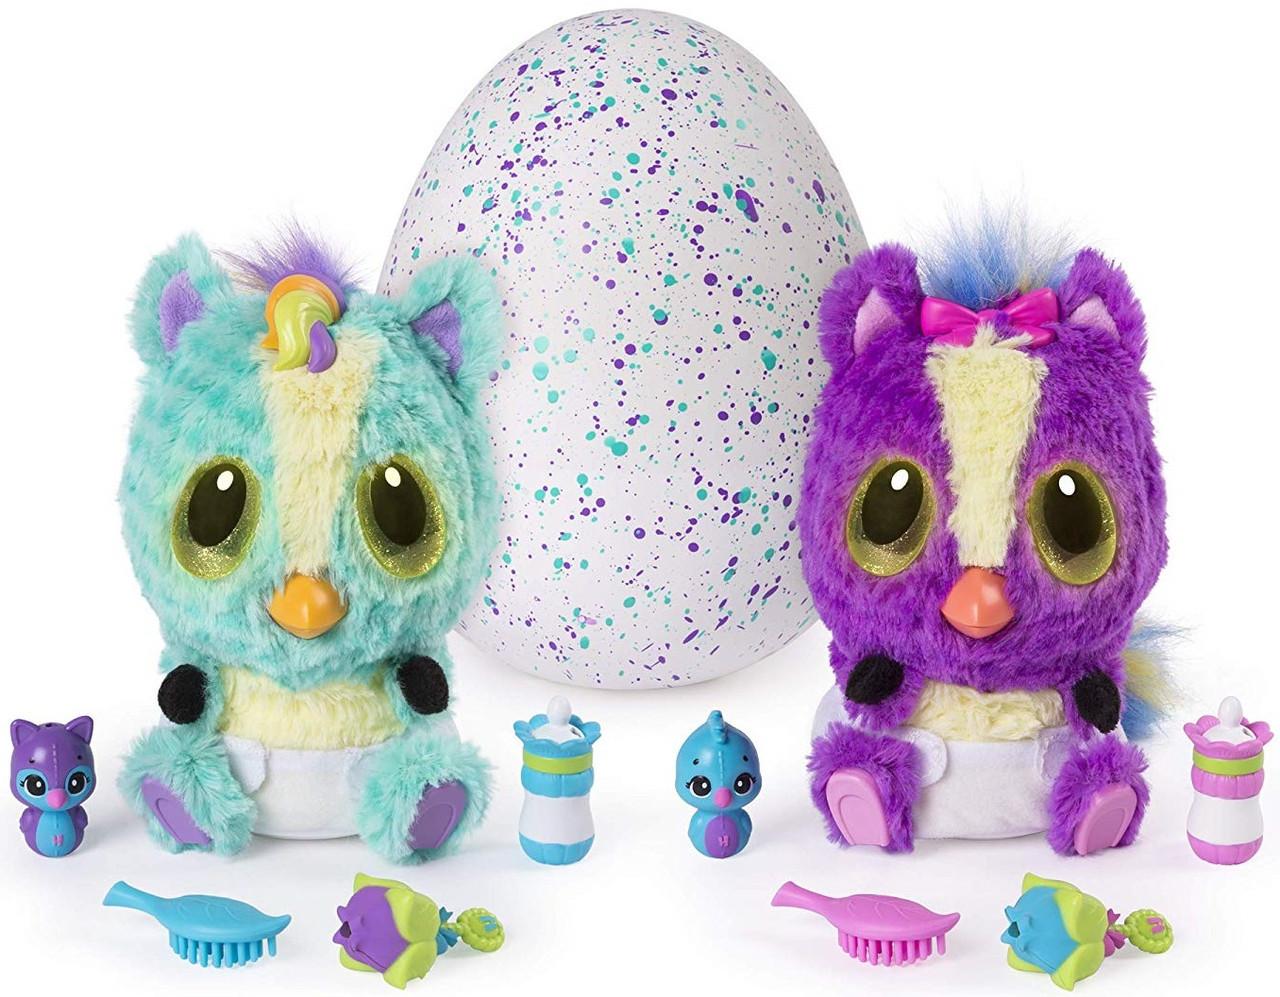 Hatchimals HatchiBabies Ponette Интерактивное яйцо, Хатчималс малышПонет в яйце, Spin Master Оригинал из США